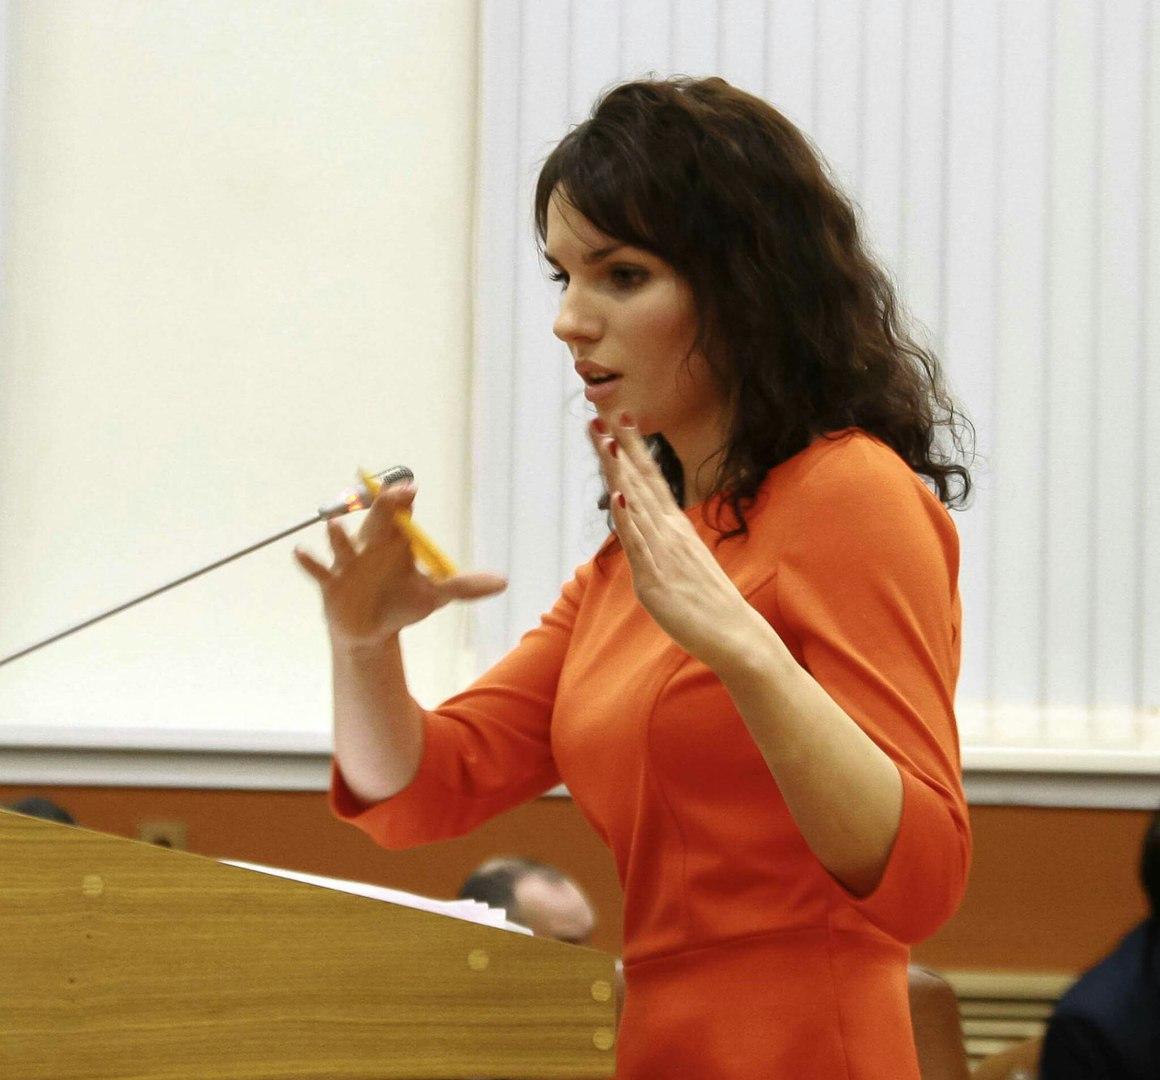 Ульяна Стриж: «Моя главная мотивация — будущее наших детей»